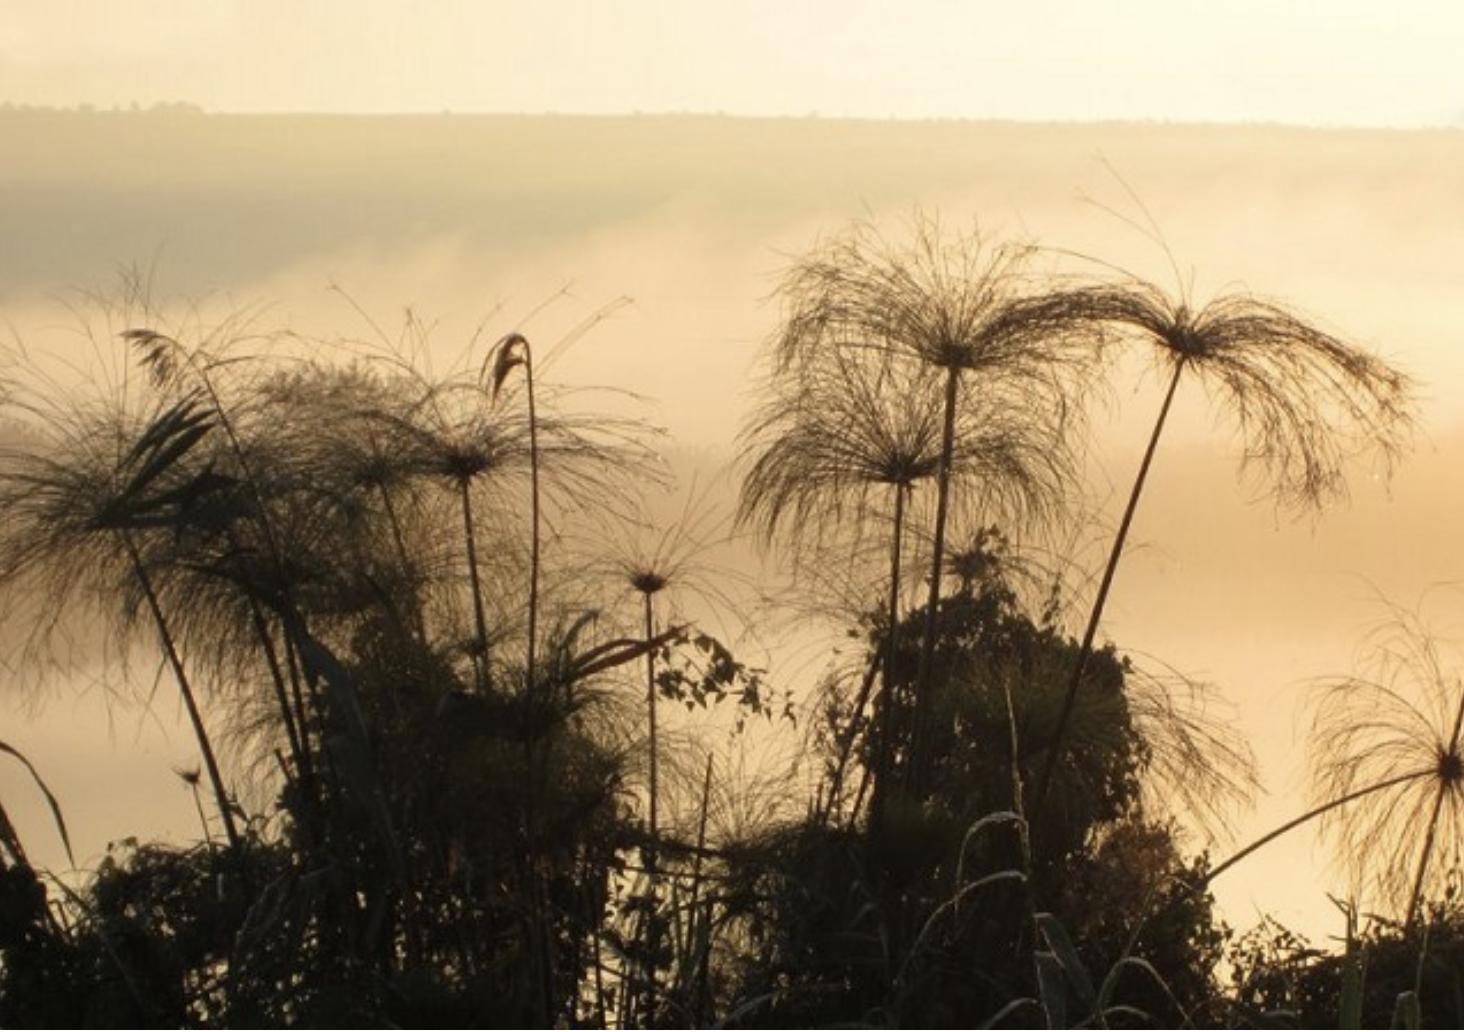 Papyrus at dawn